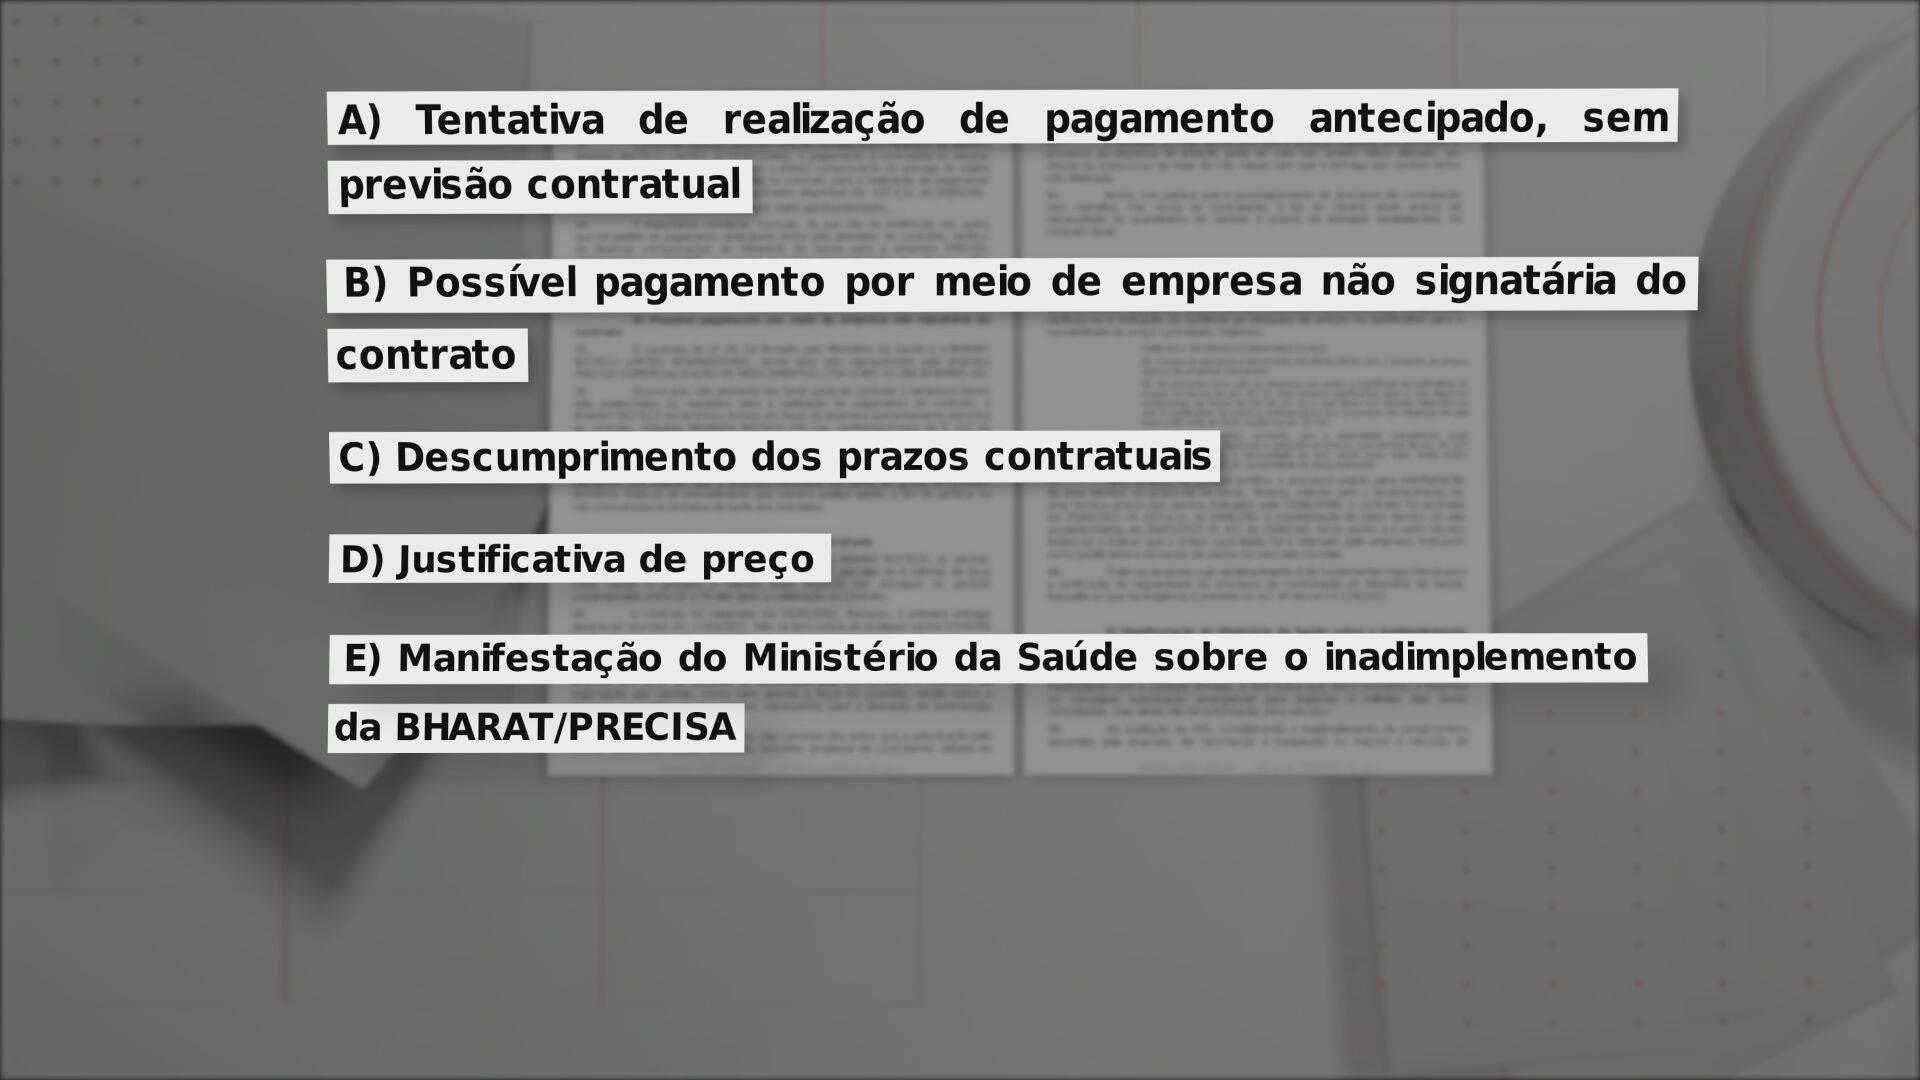 Pontos de questionamento da Controladoria-Geral da União sobre o contrato do gov